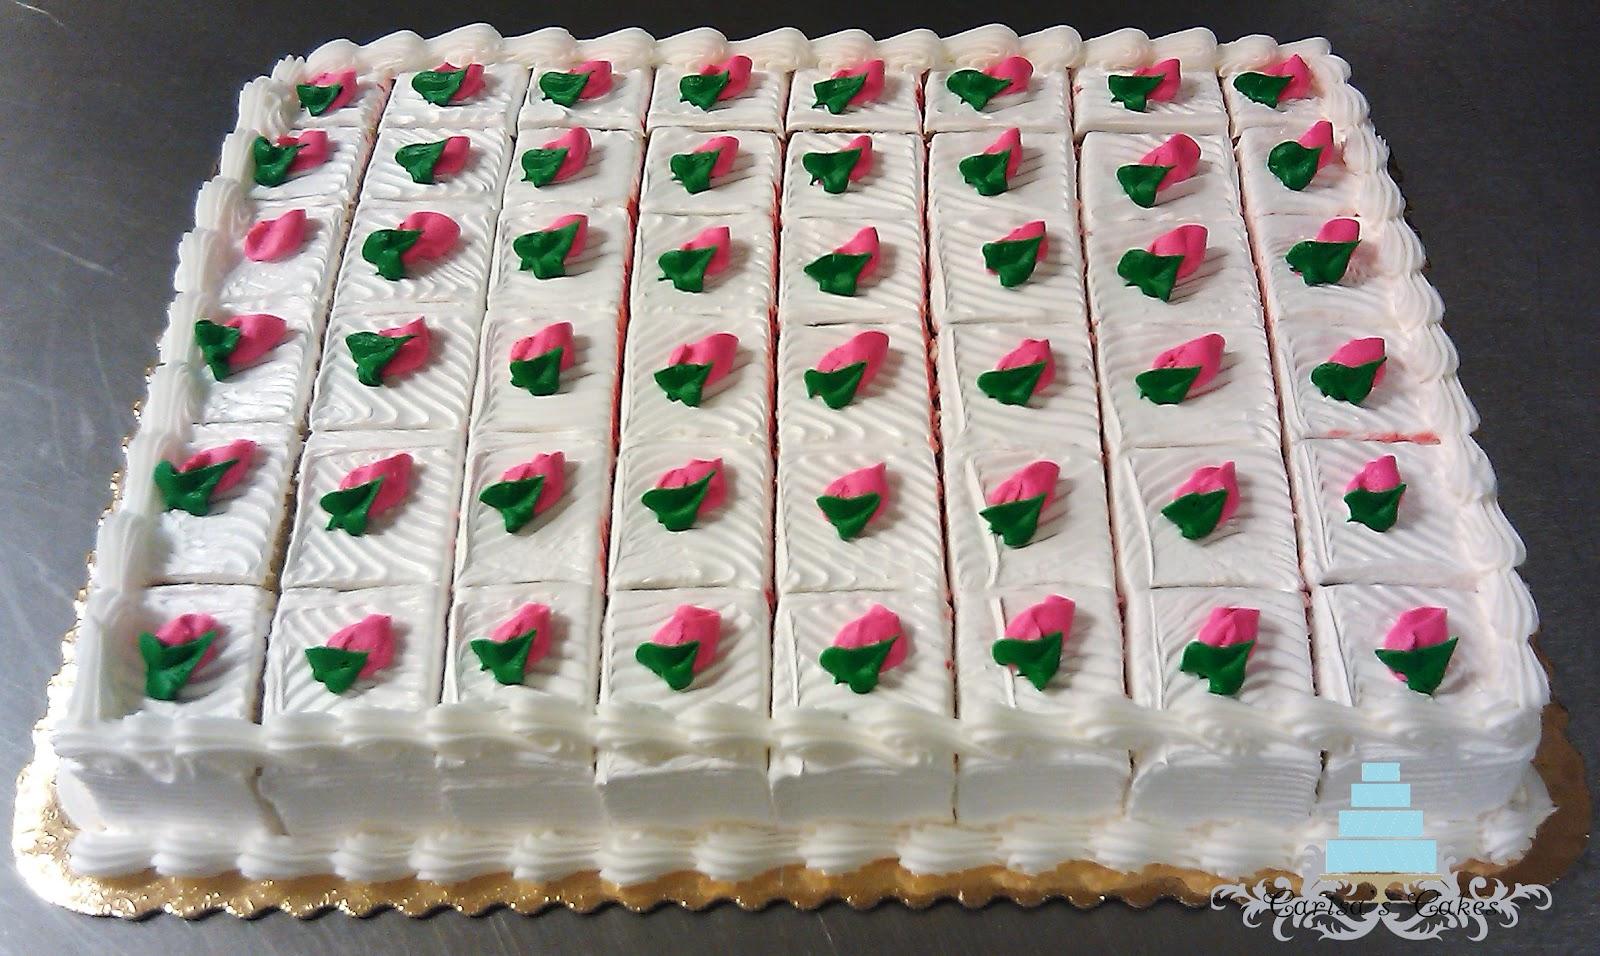 Carisas Cakes June 2012